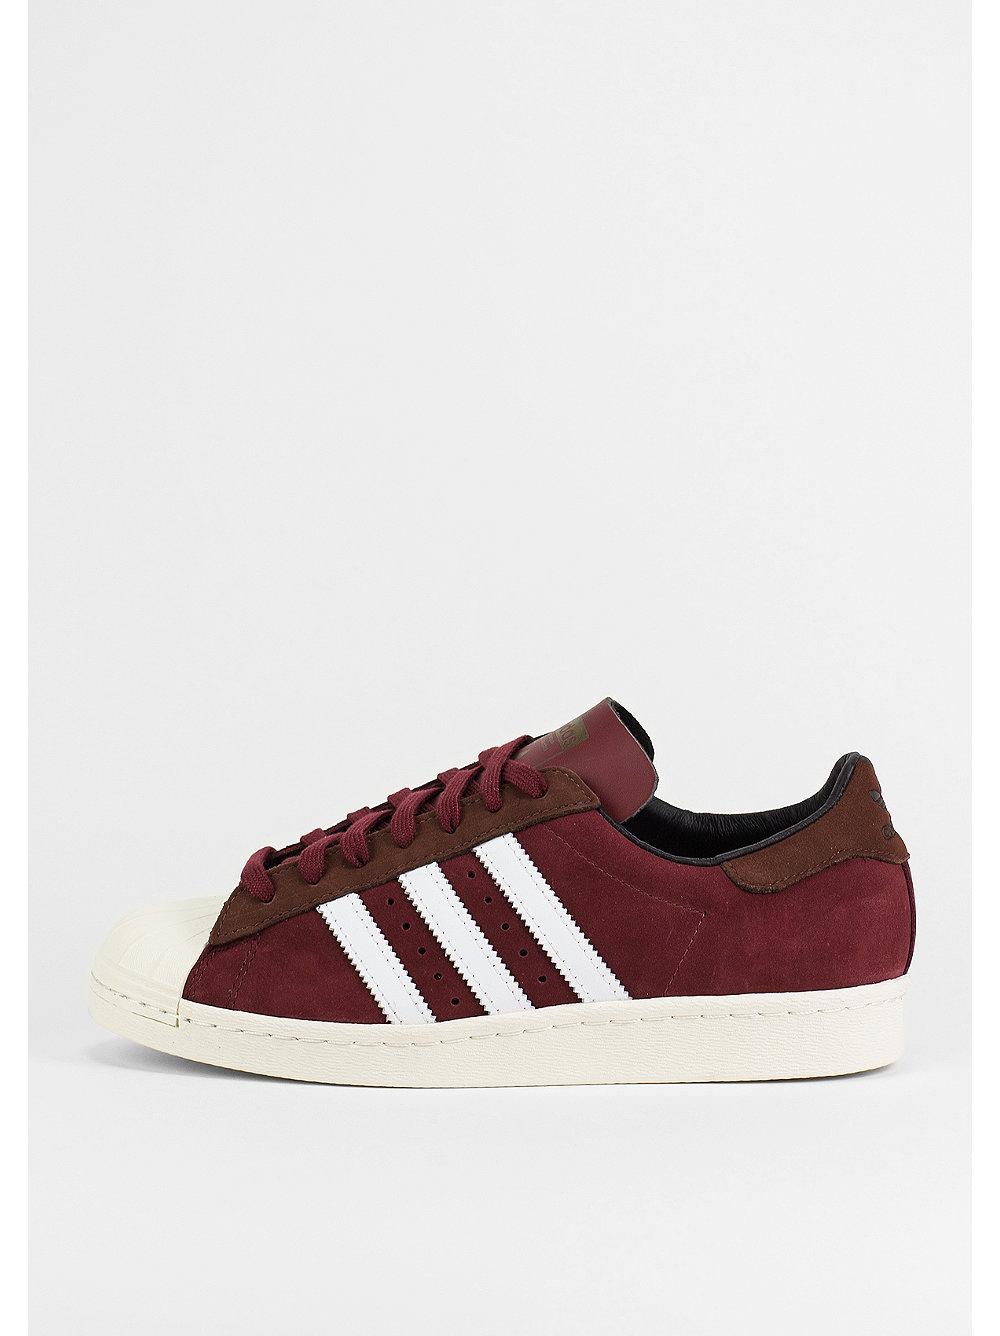 Adidas Superstar Dunkelrot